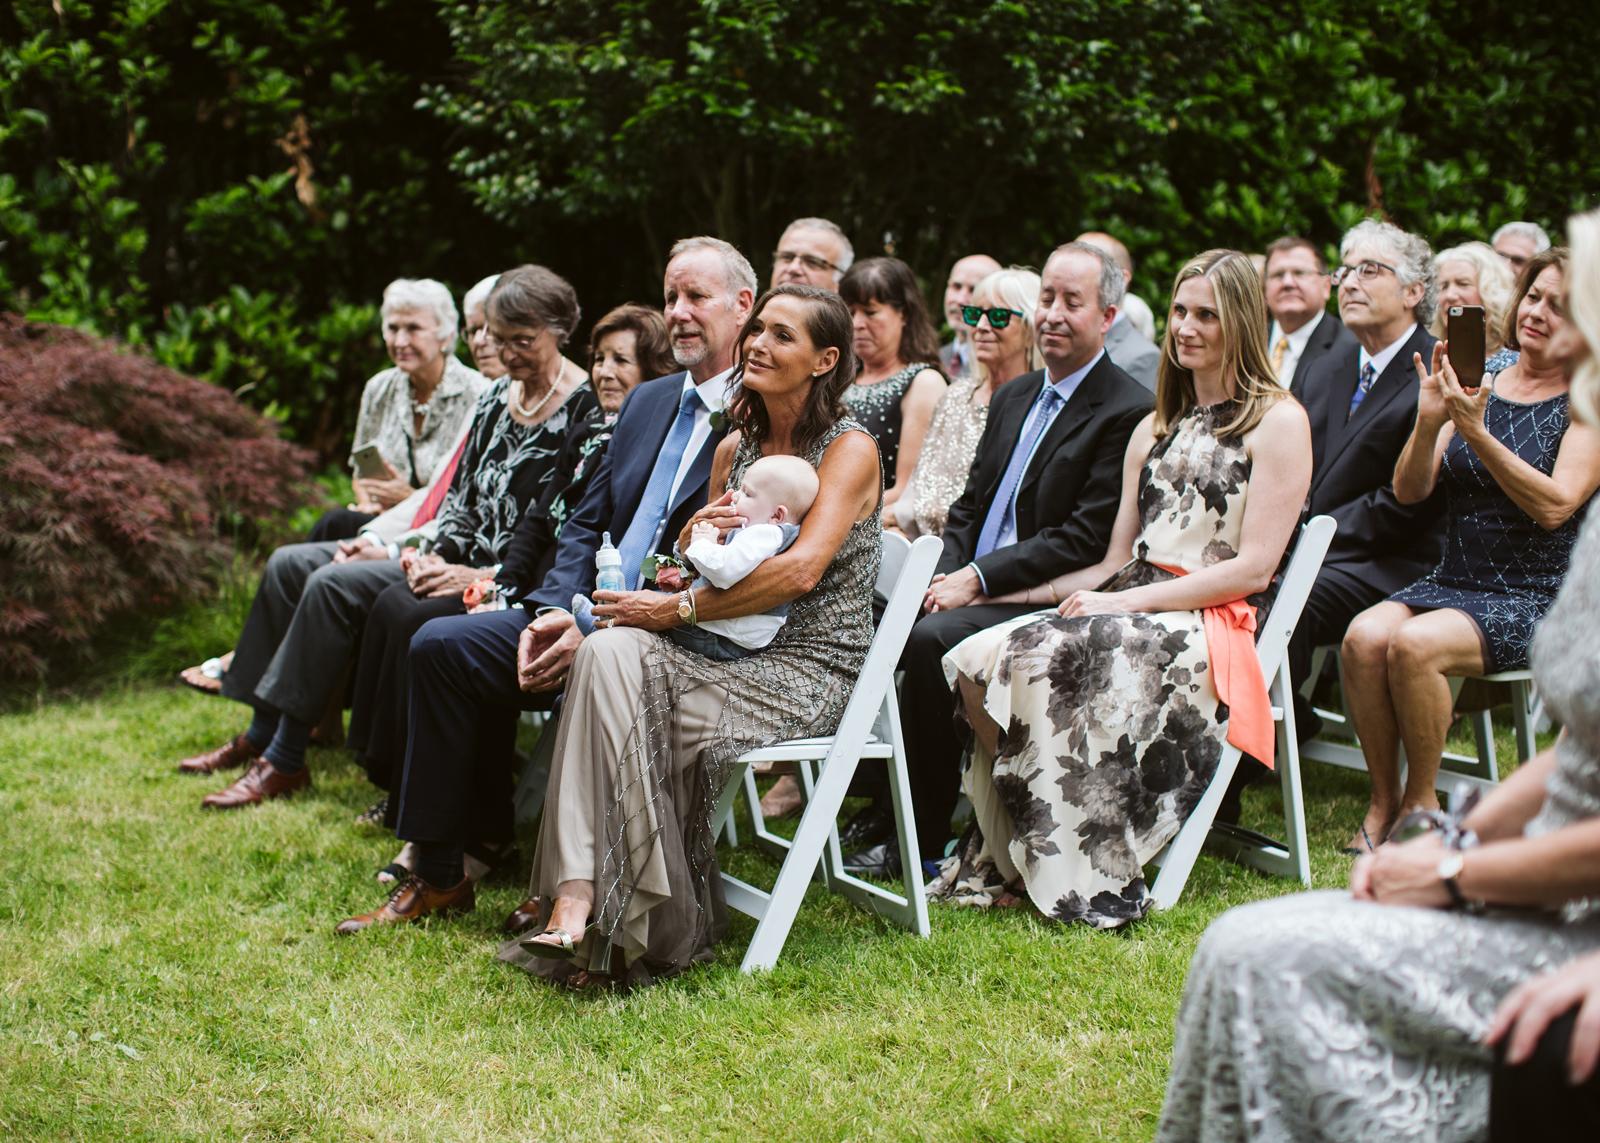 085-daronjackson-gabby-alec-wedding.jpg